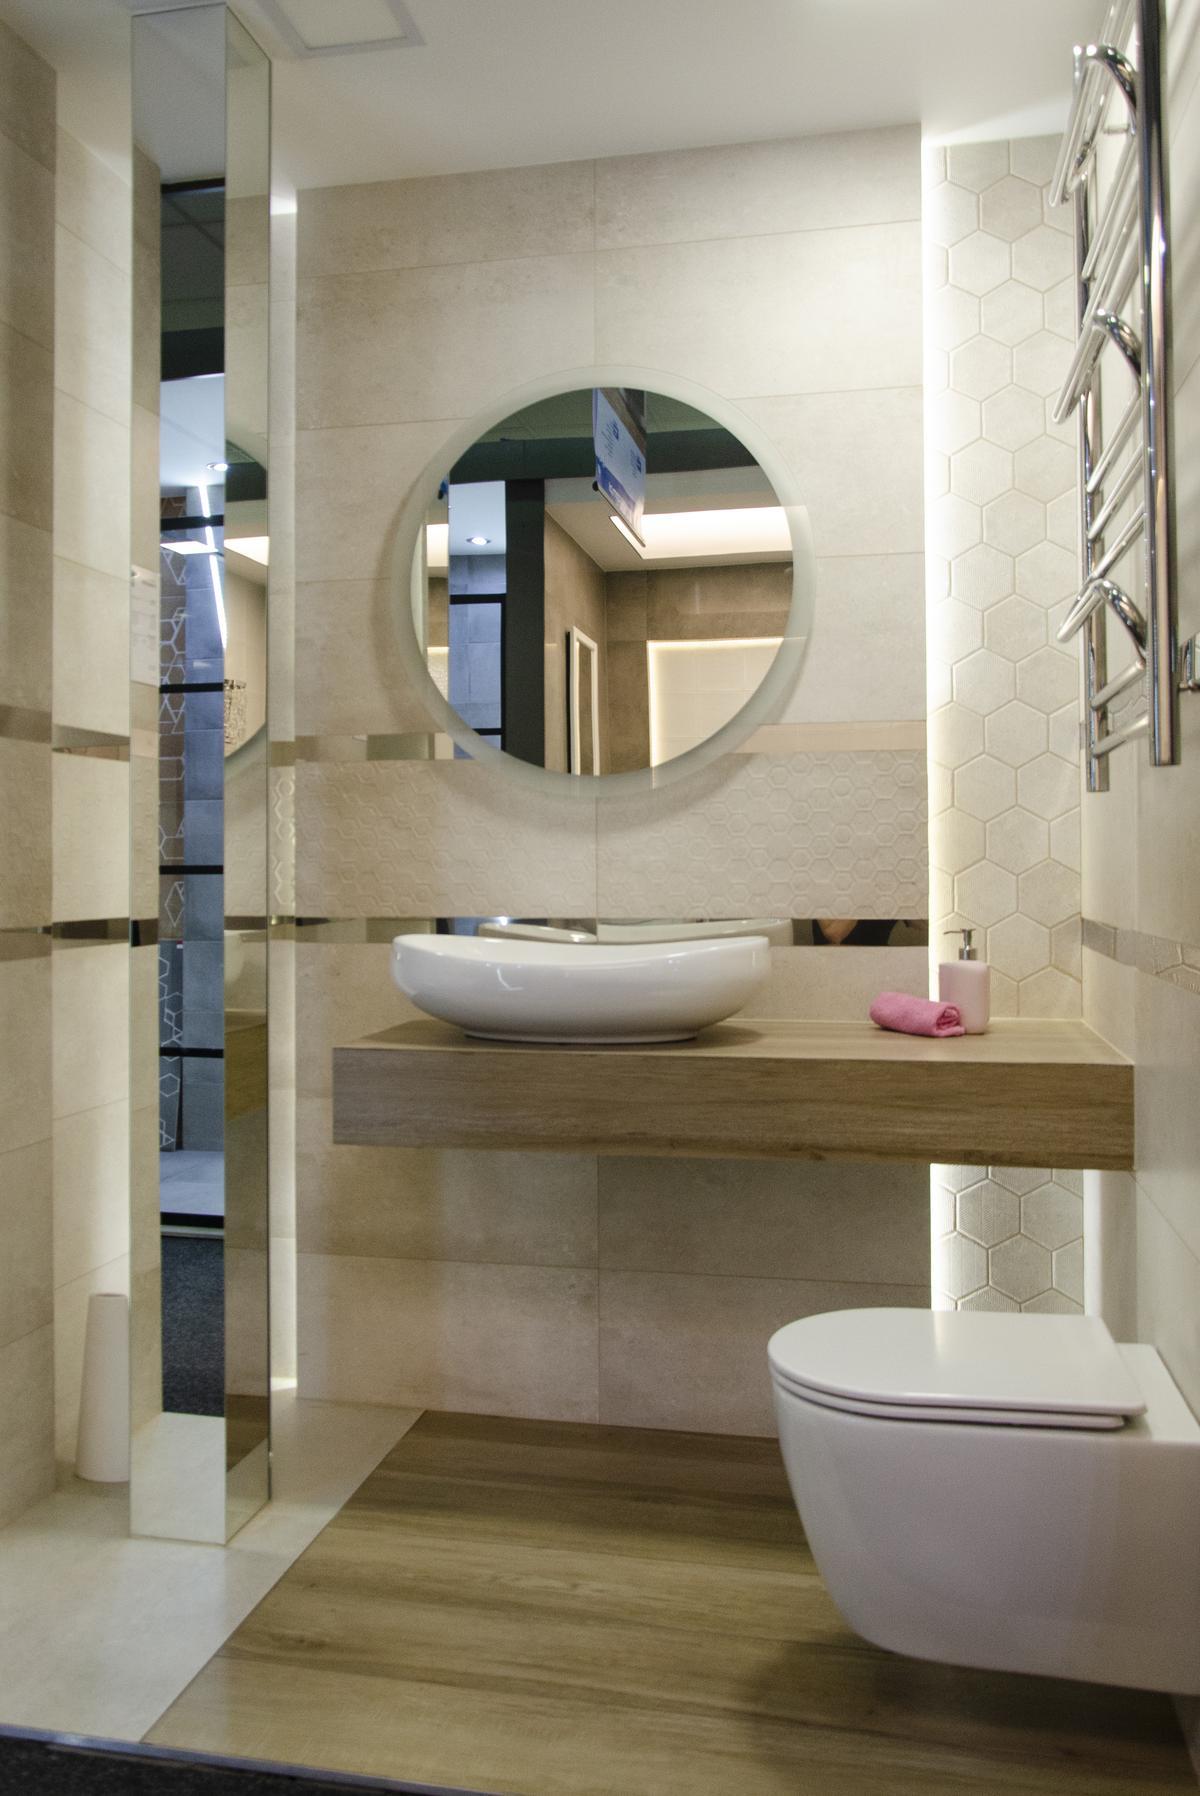 Kremowa łazienka z pytką drewnopodobną i heksagonalnym dekorem - zdjęcie od BLU salon łazienek Koszalin